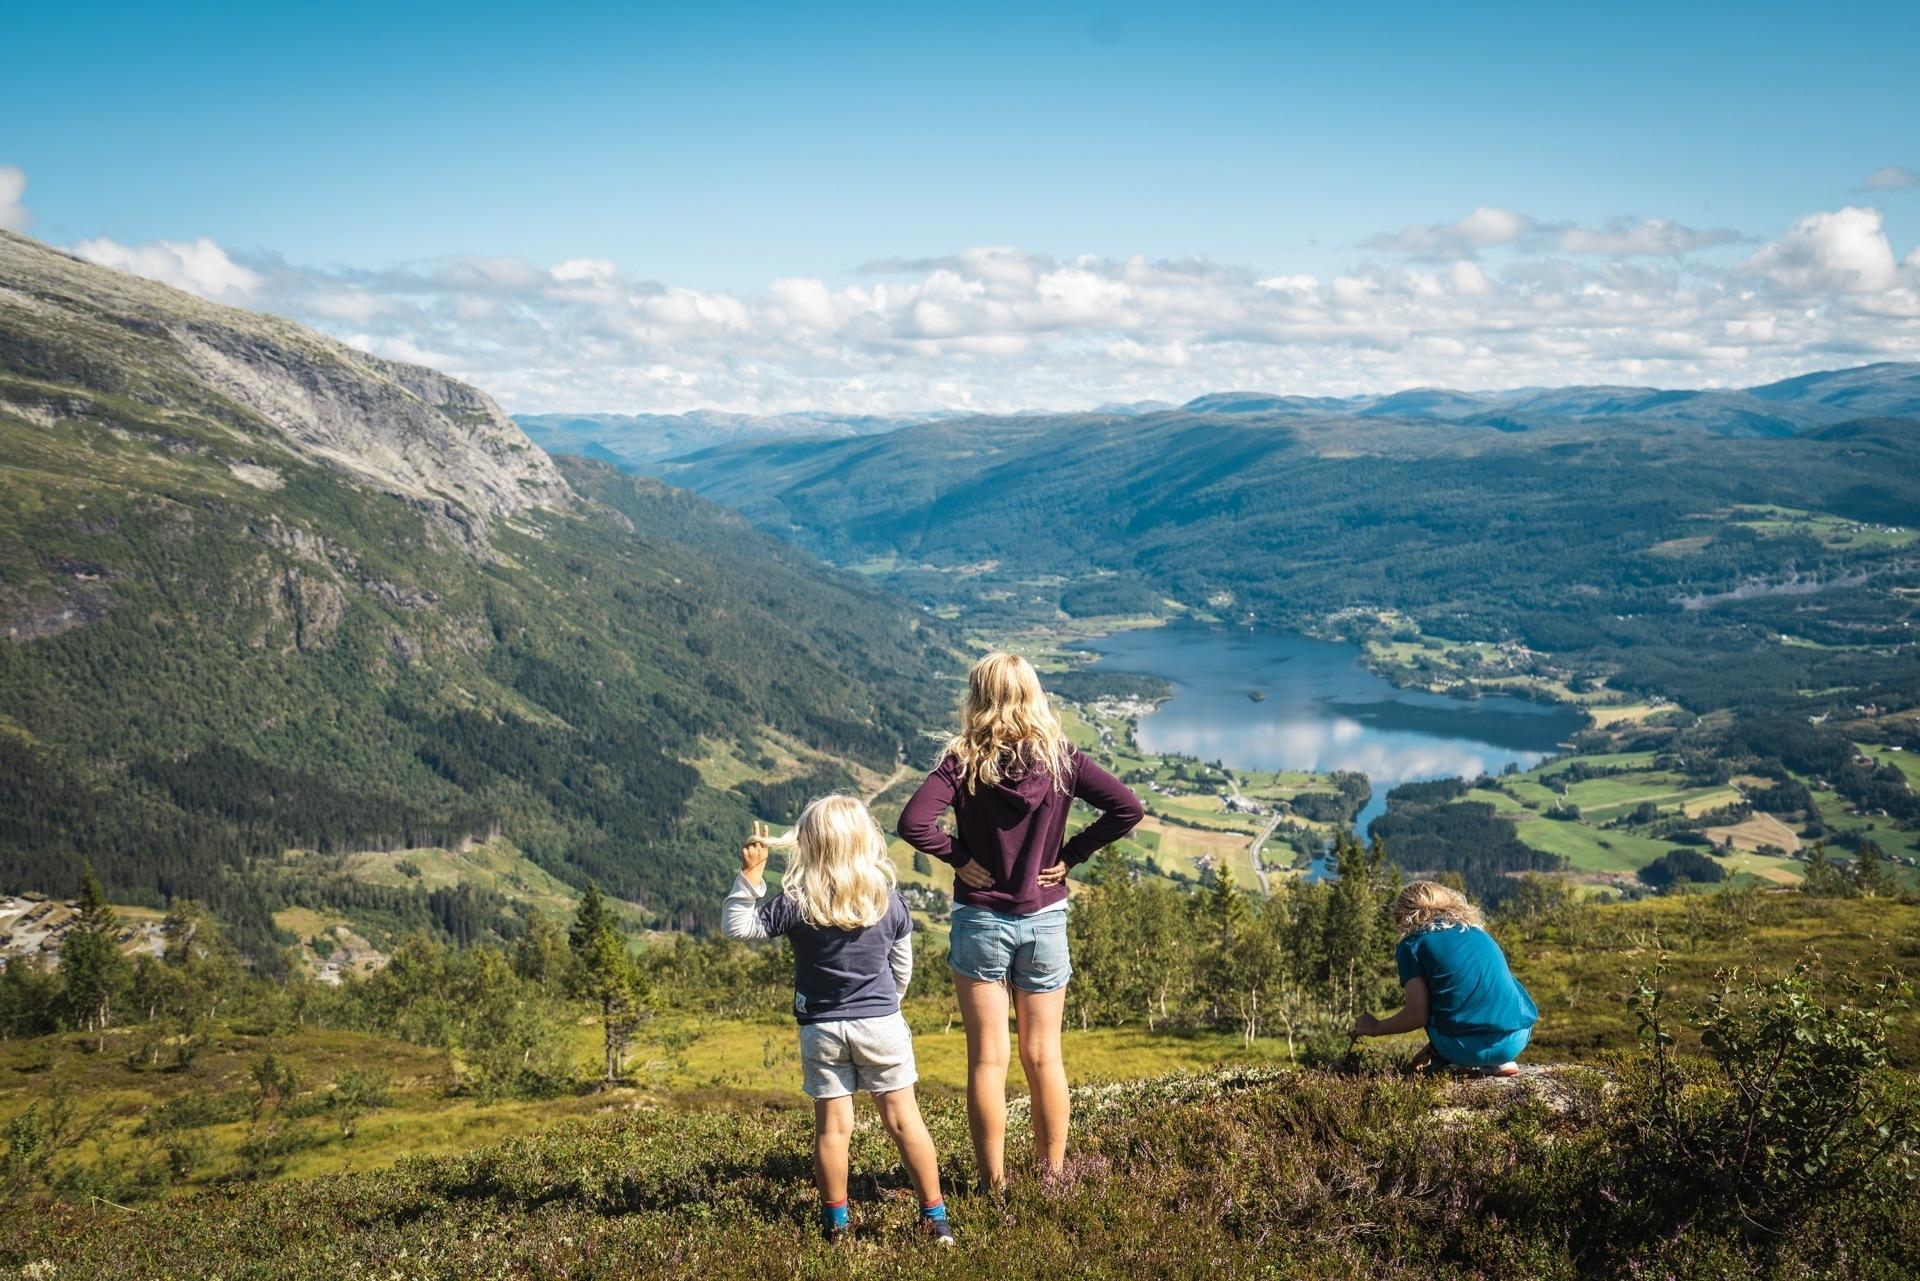 Utsikt frå Hanguren Panorama. Foto: Jon Hunnålvatn Tøn